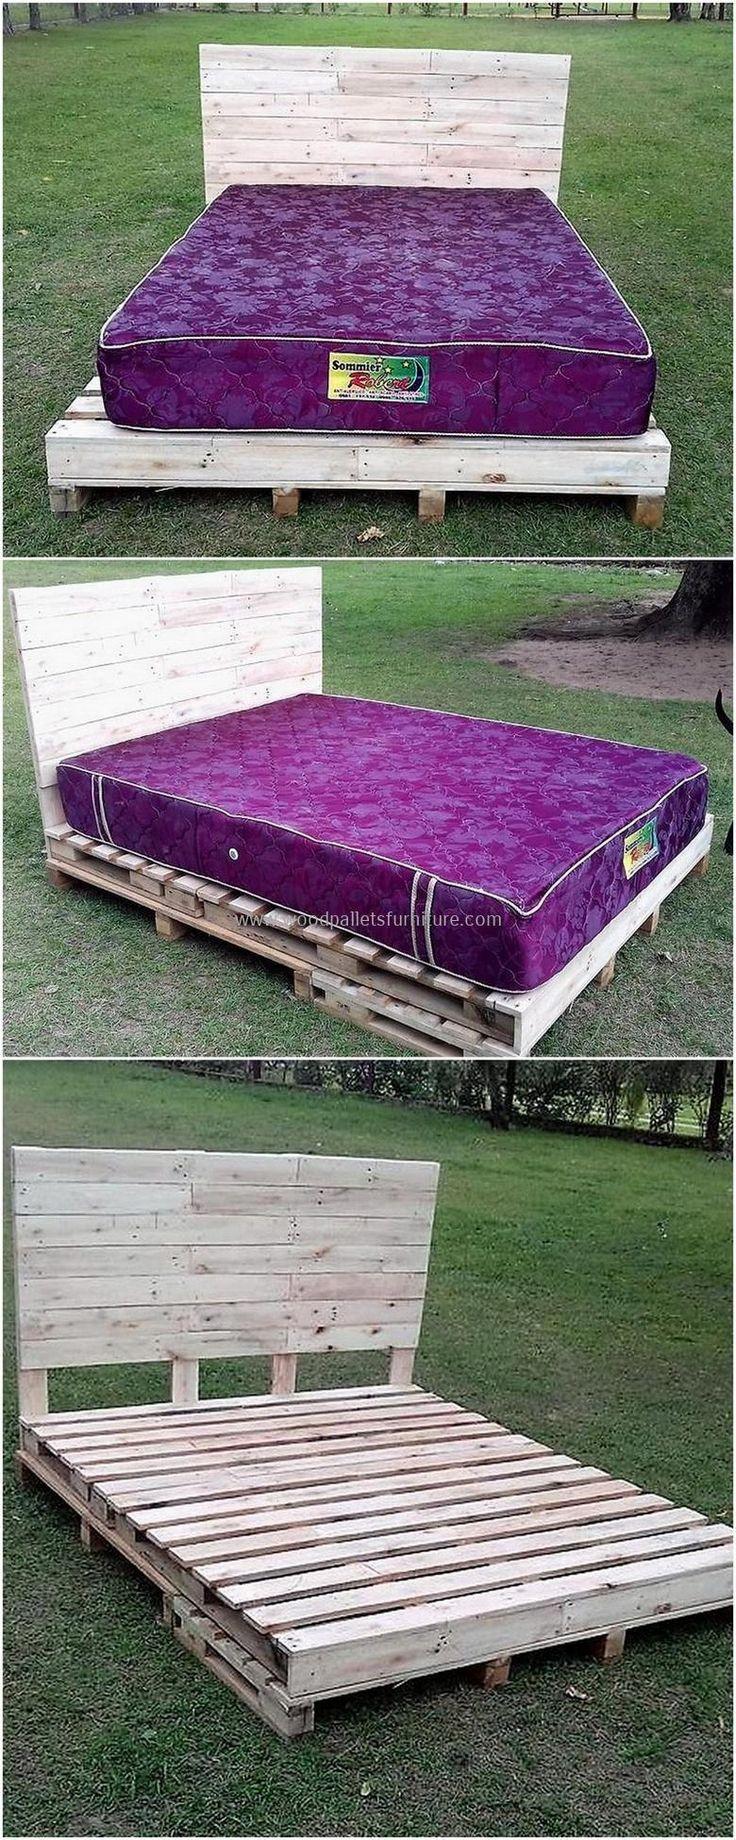 Buy pallets online plastic pallets canada pallet plus